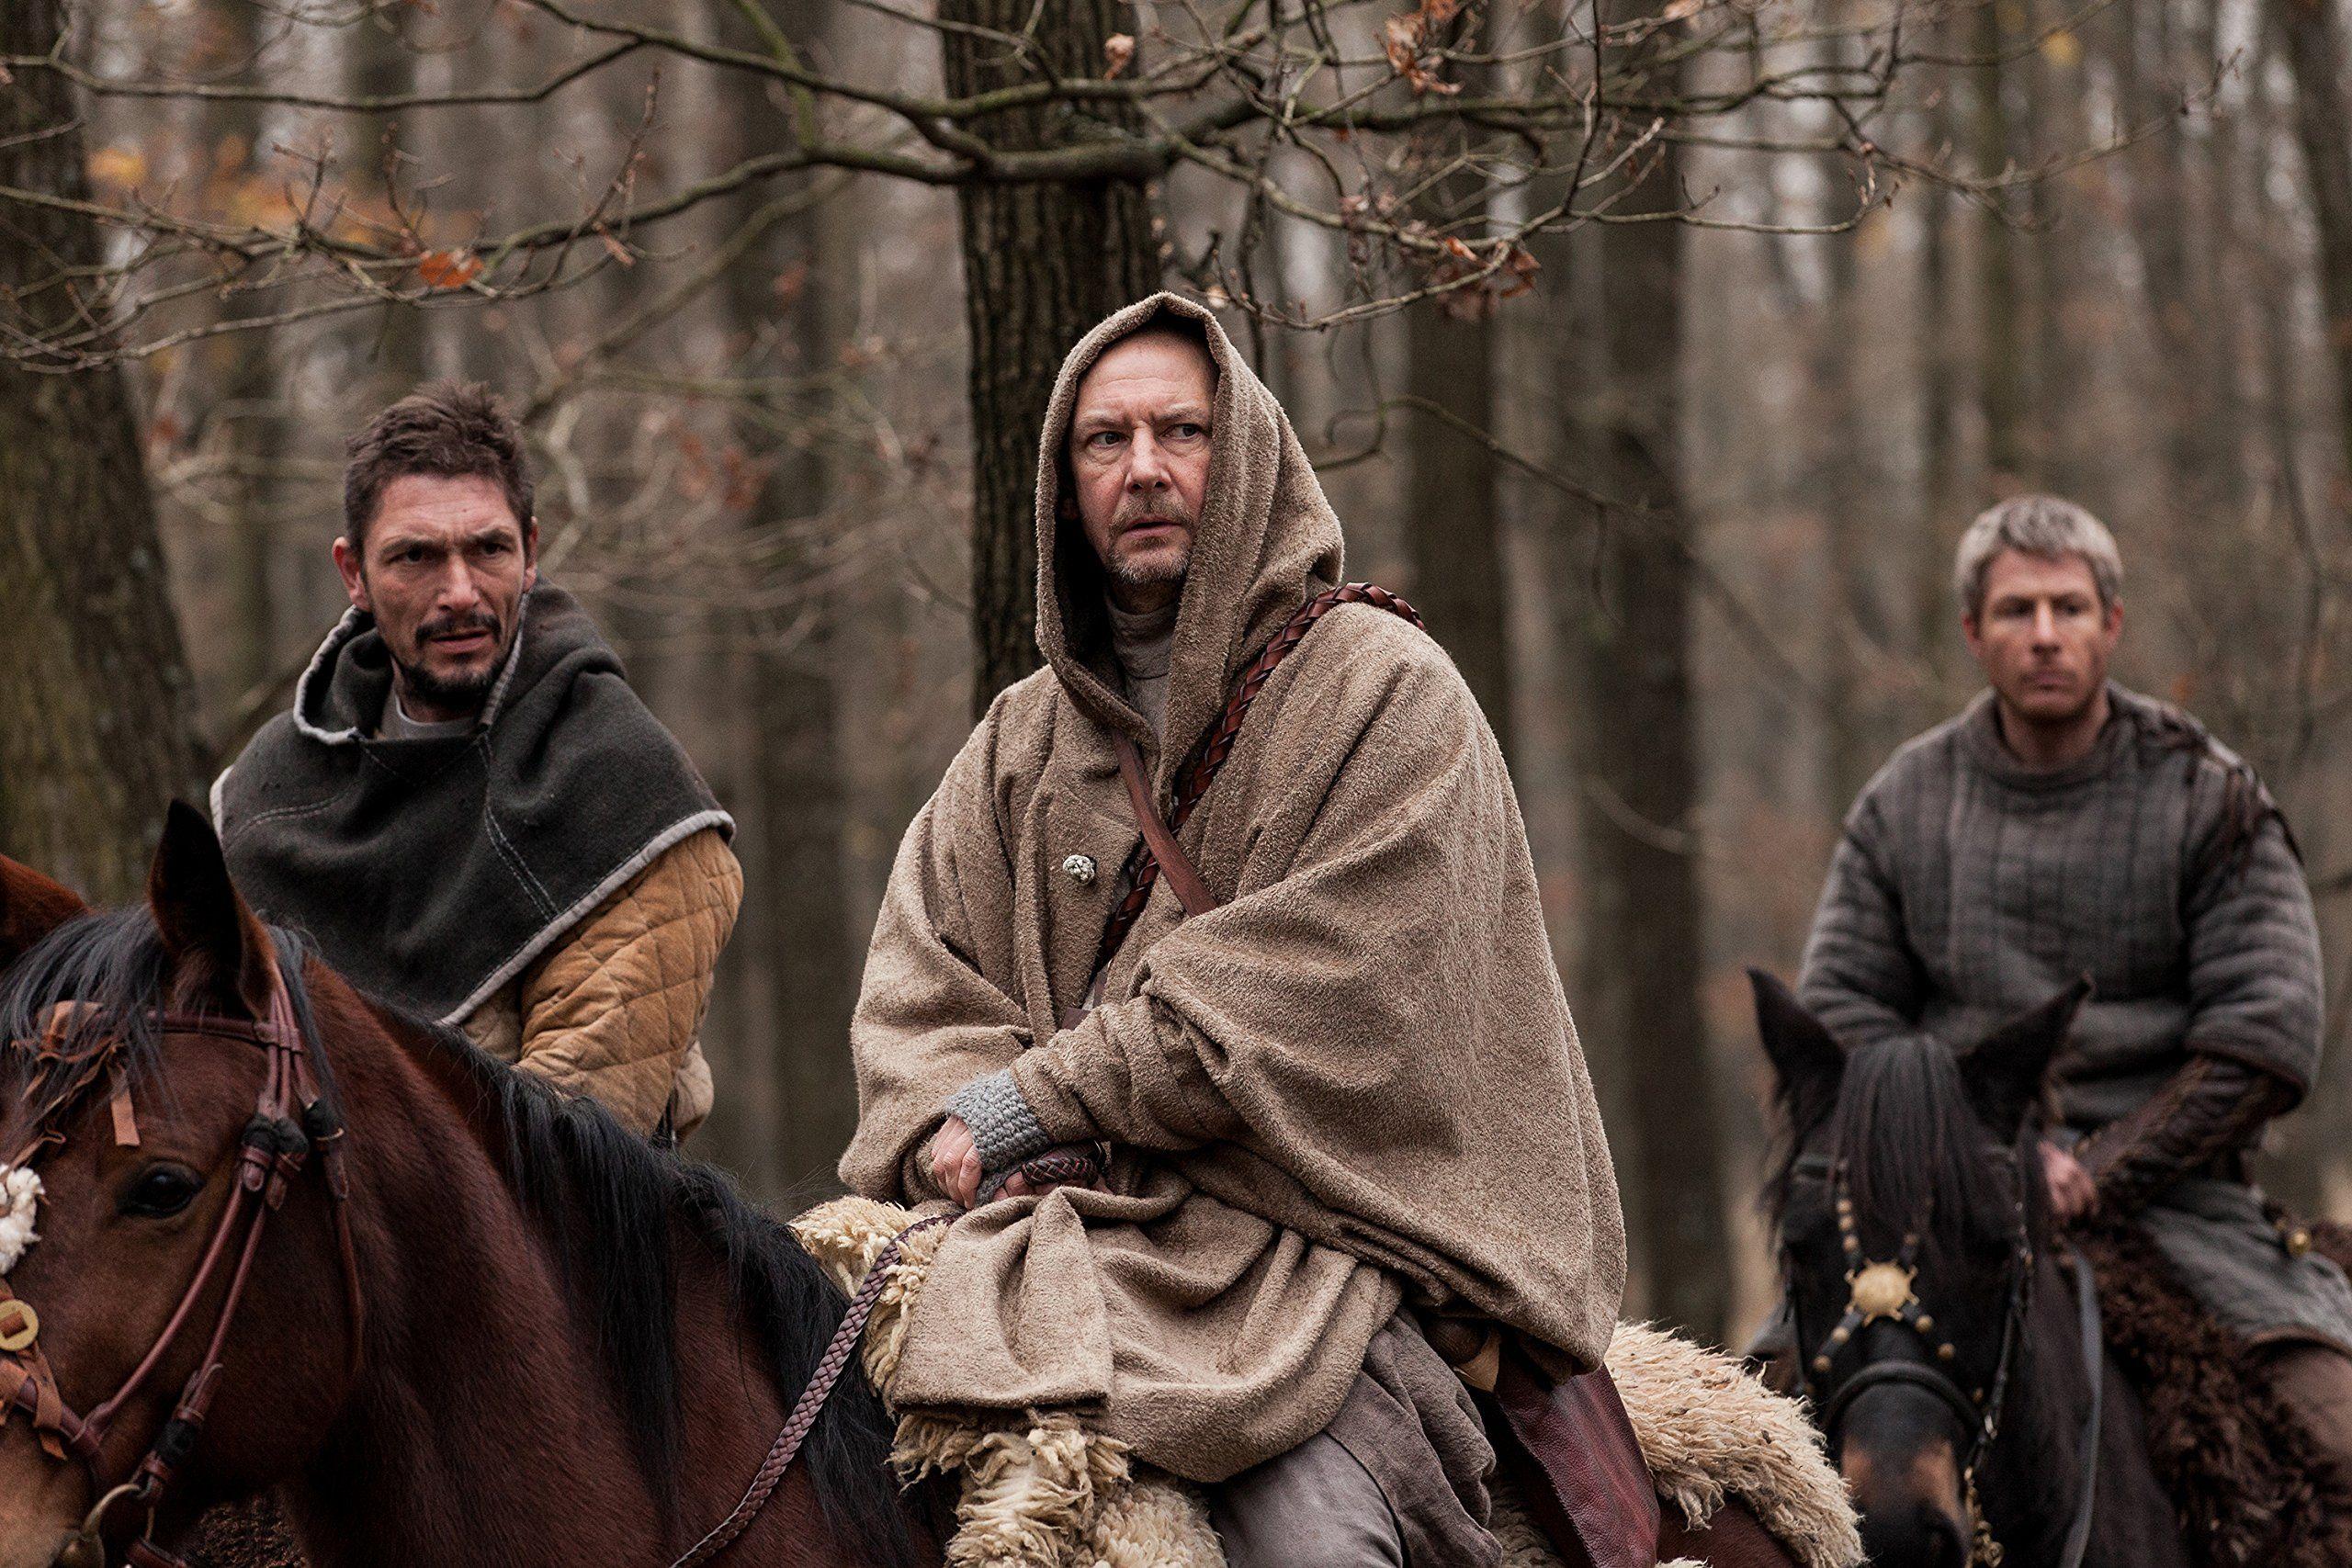 The Last Kingdom Staffel 1 4 Discs Im Schuber Alemania Dvd Discs Staffel Kingdom Im The Last Kingdom Viking Age Novels